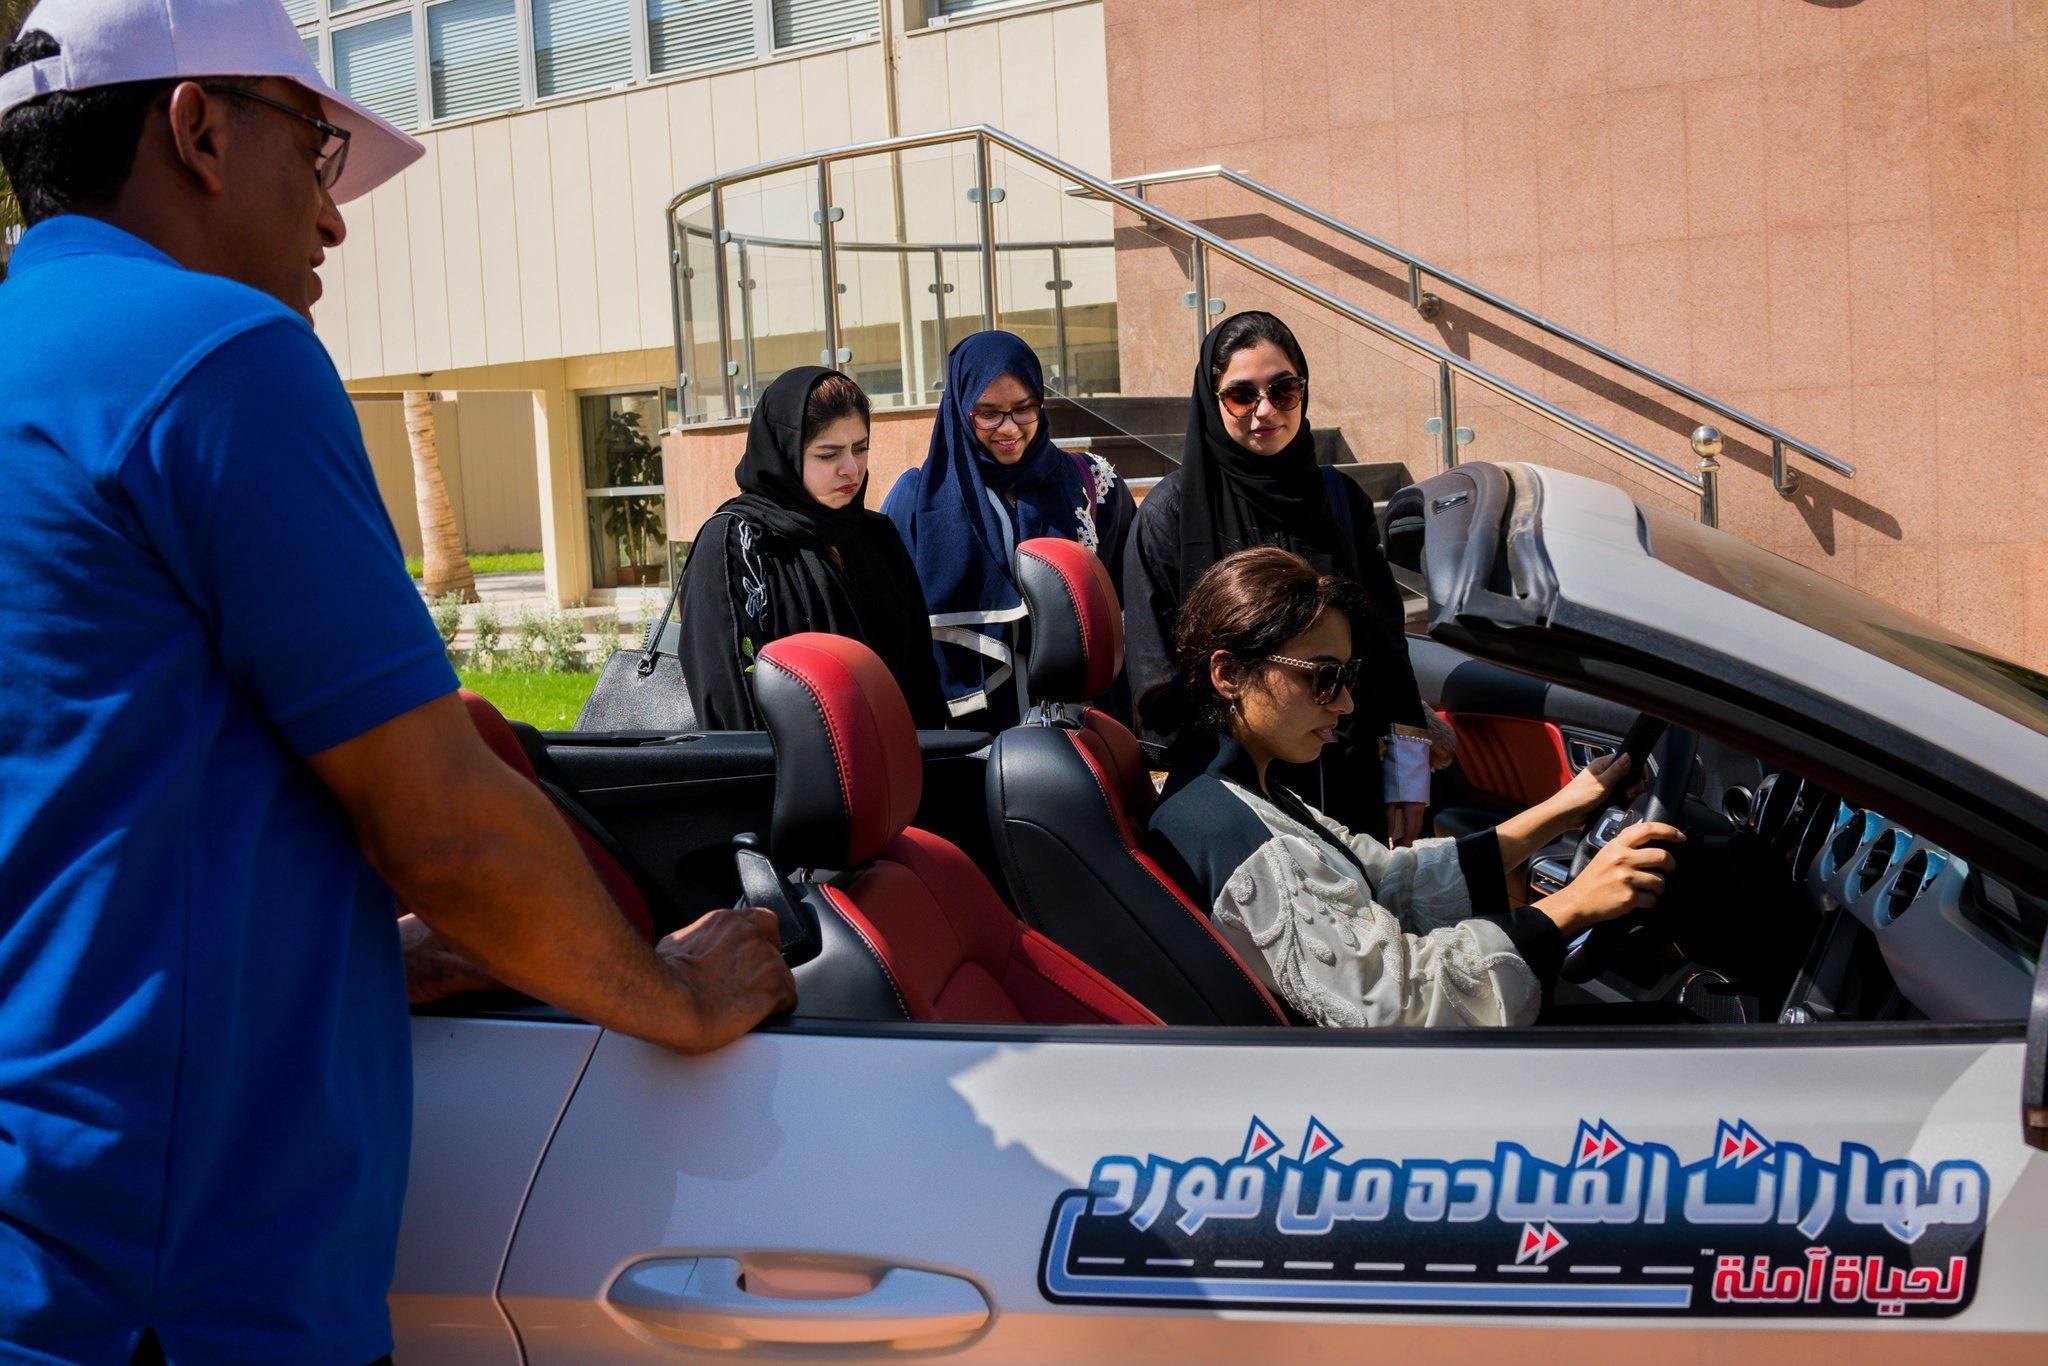 کارگاه آموزش رانندگی به زنان عربستانی